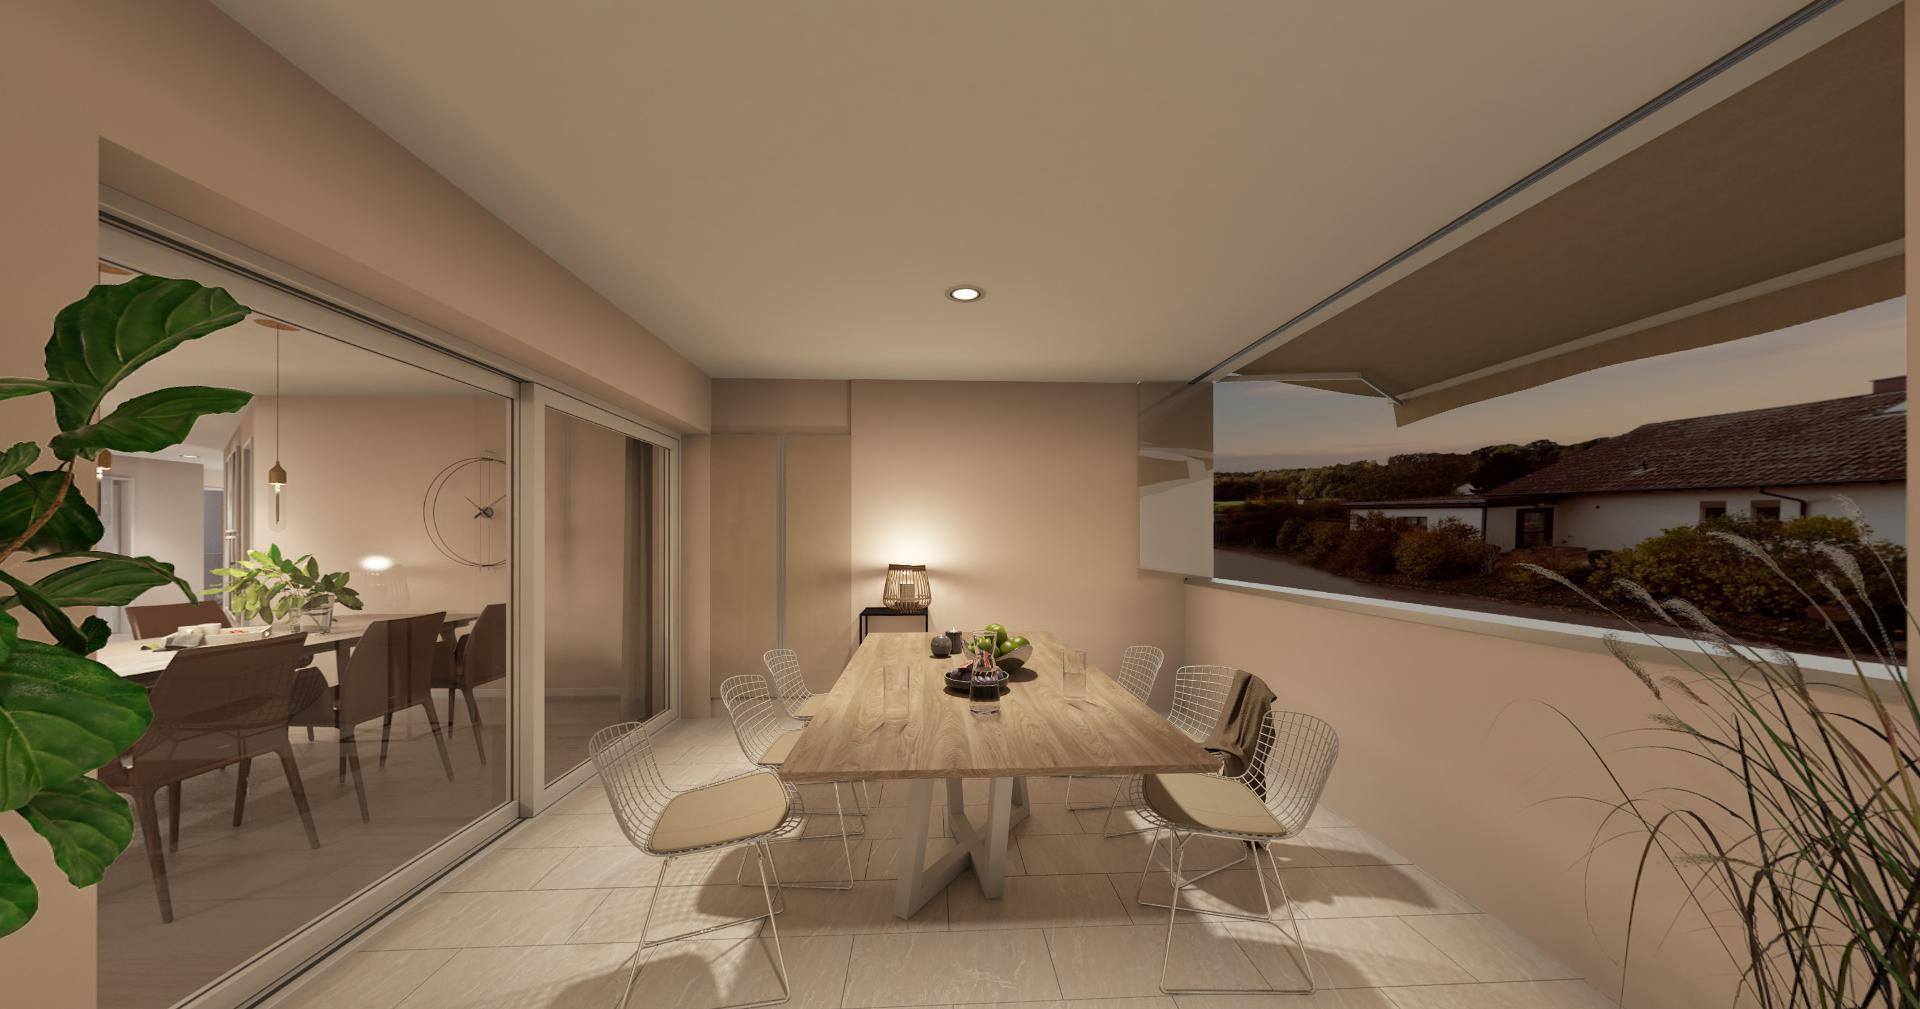 westfield_mehrfamilienhaus_haerkingen_balkon_4.5_zimmer_wohnung_2.jpg